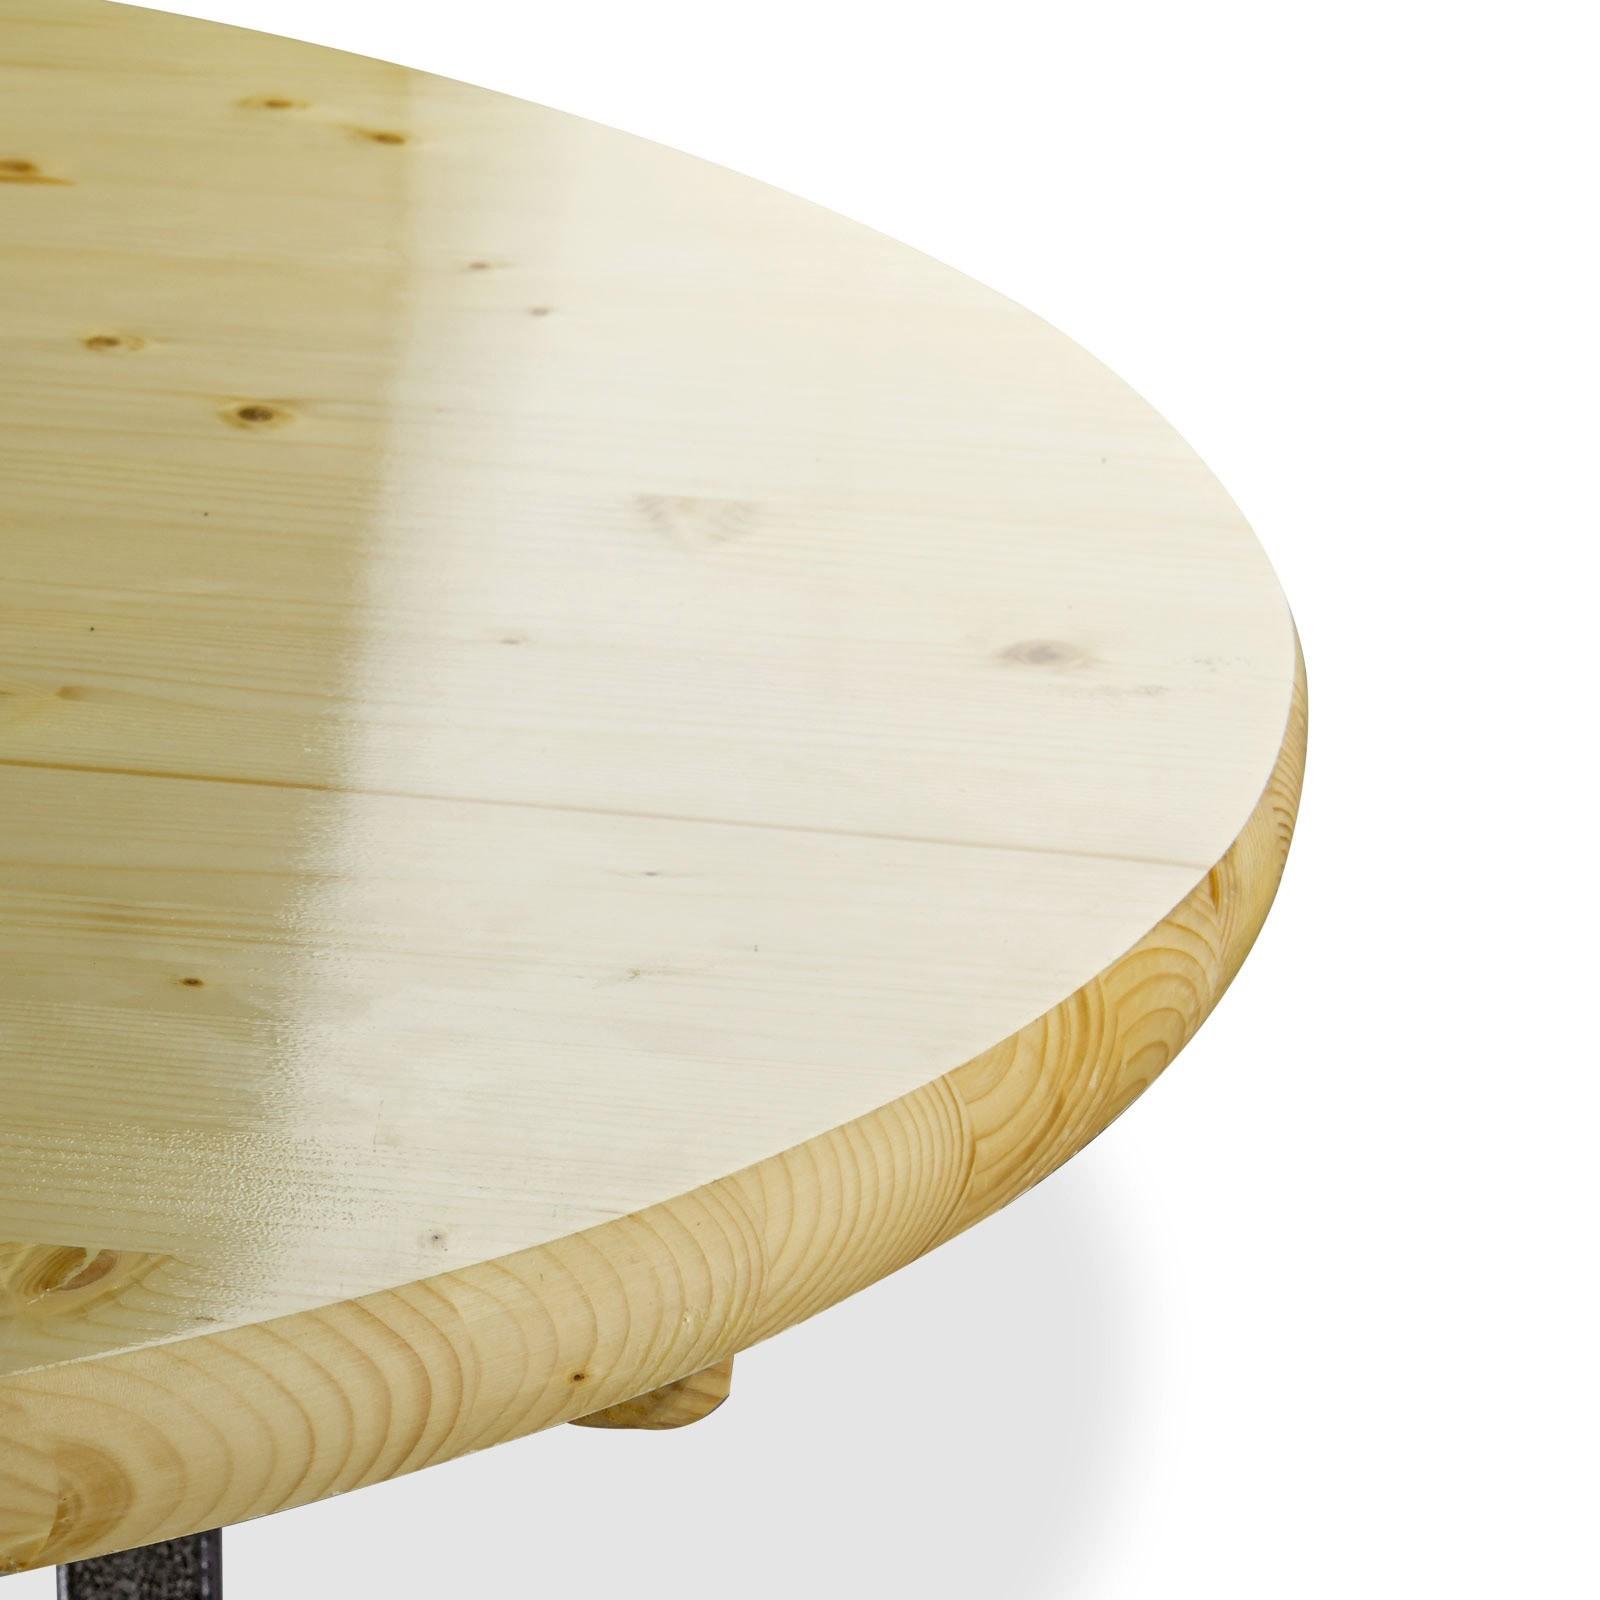 holz metall stehtisch bistrotisch visby klappbar bartisch partytisch klapptisch ebay. Black Bedroom Furniture Sets. Home Design Ideas